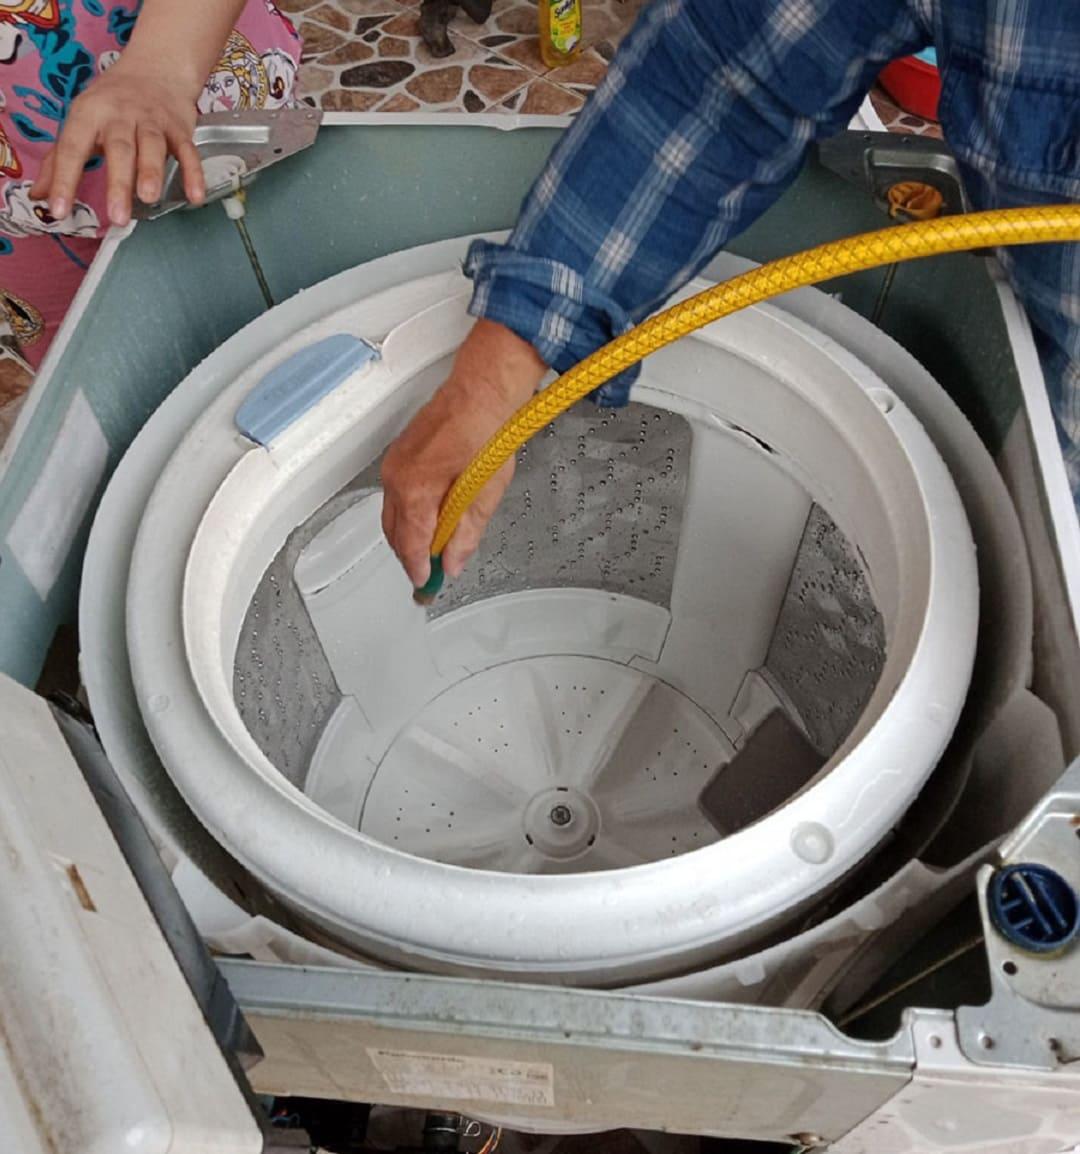 vệ sinh máy giặt quận long biên